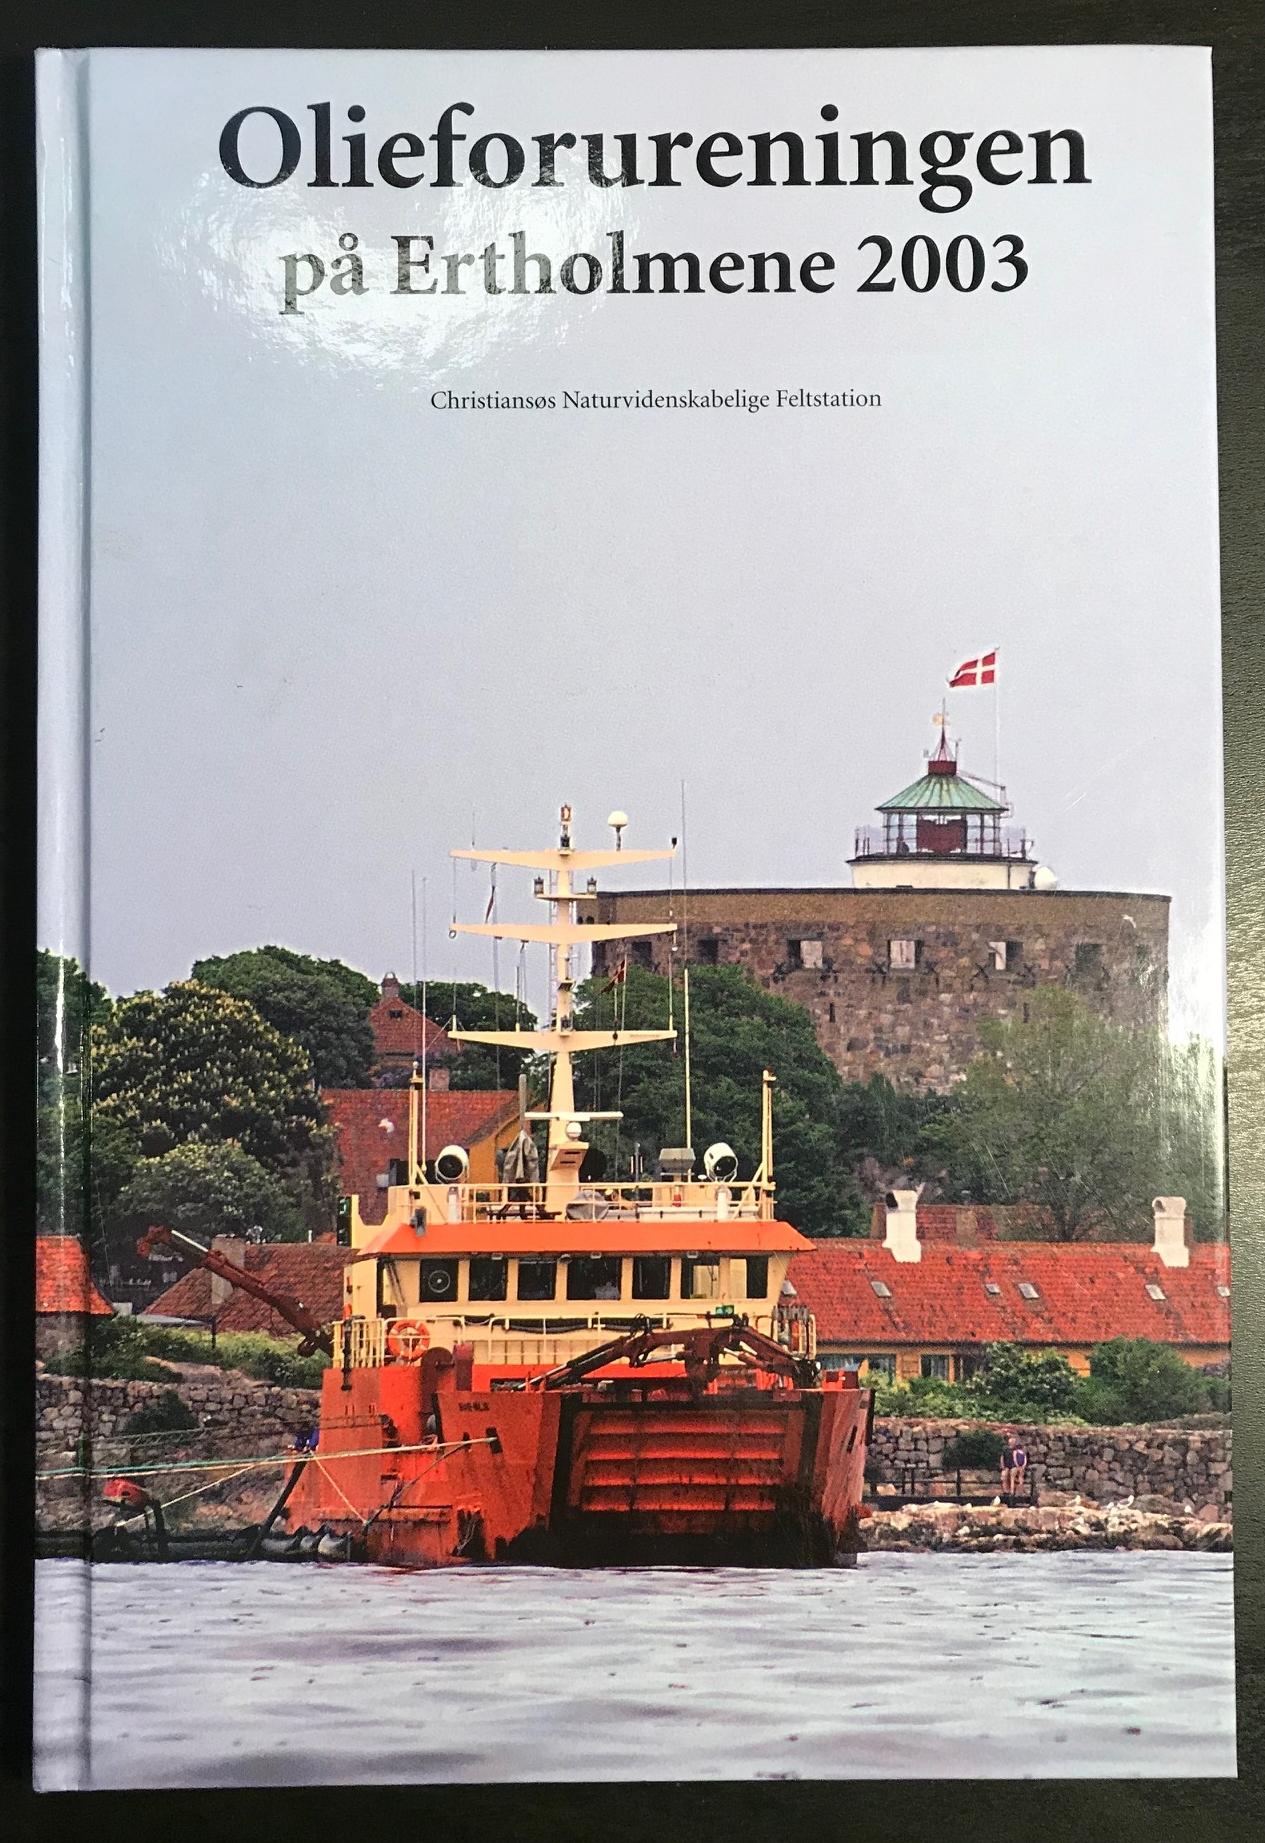 Olieforureningen på Ertholmene 2003